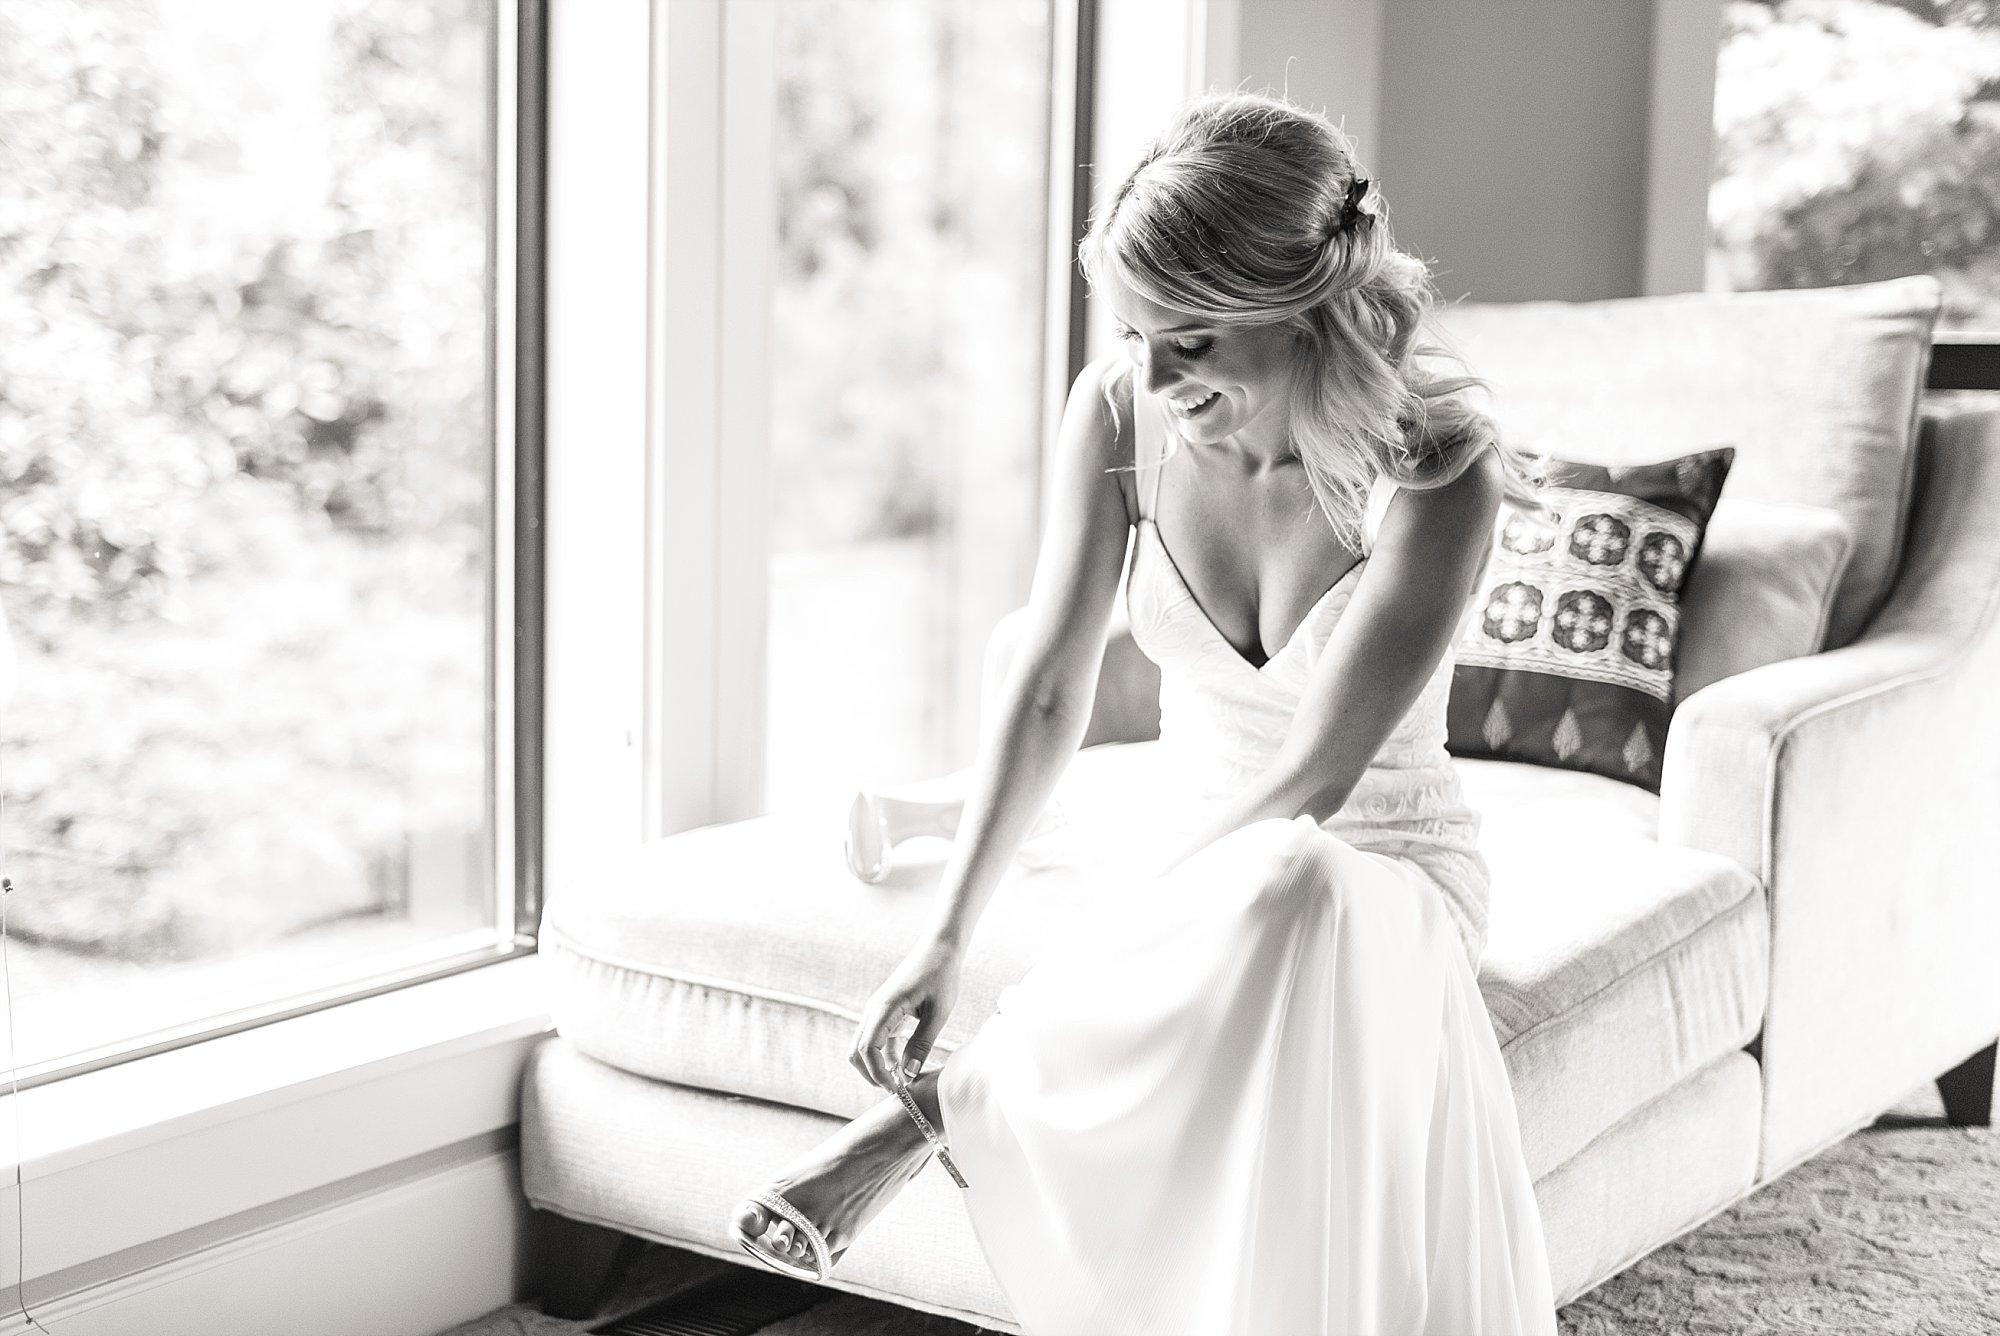 Vancouver Wedding Photography Hayley Rae Photography_0007.jpg